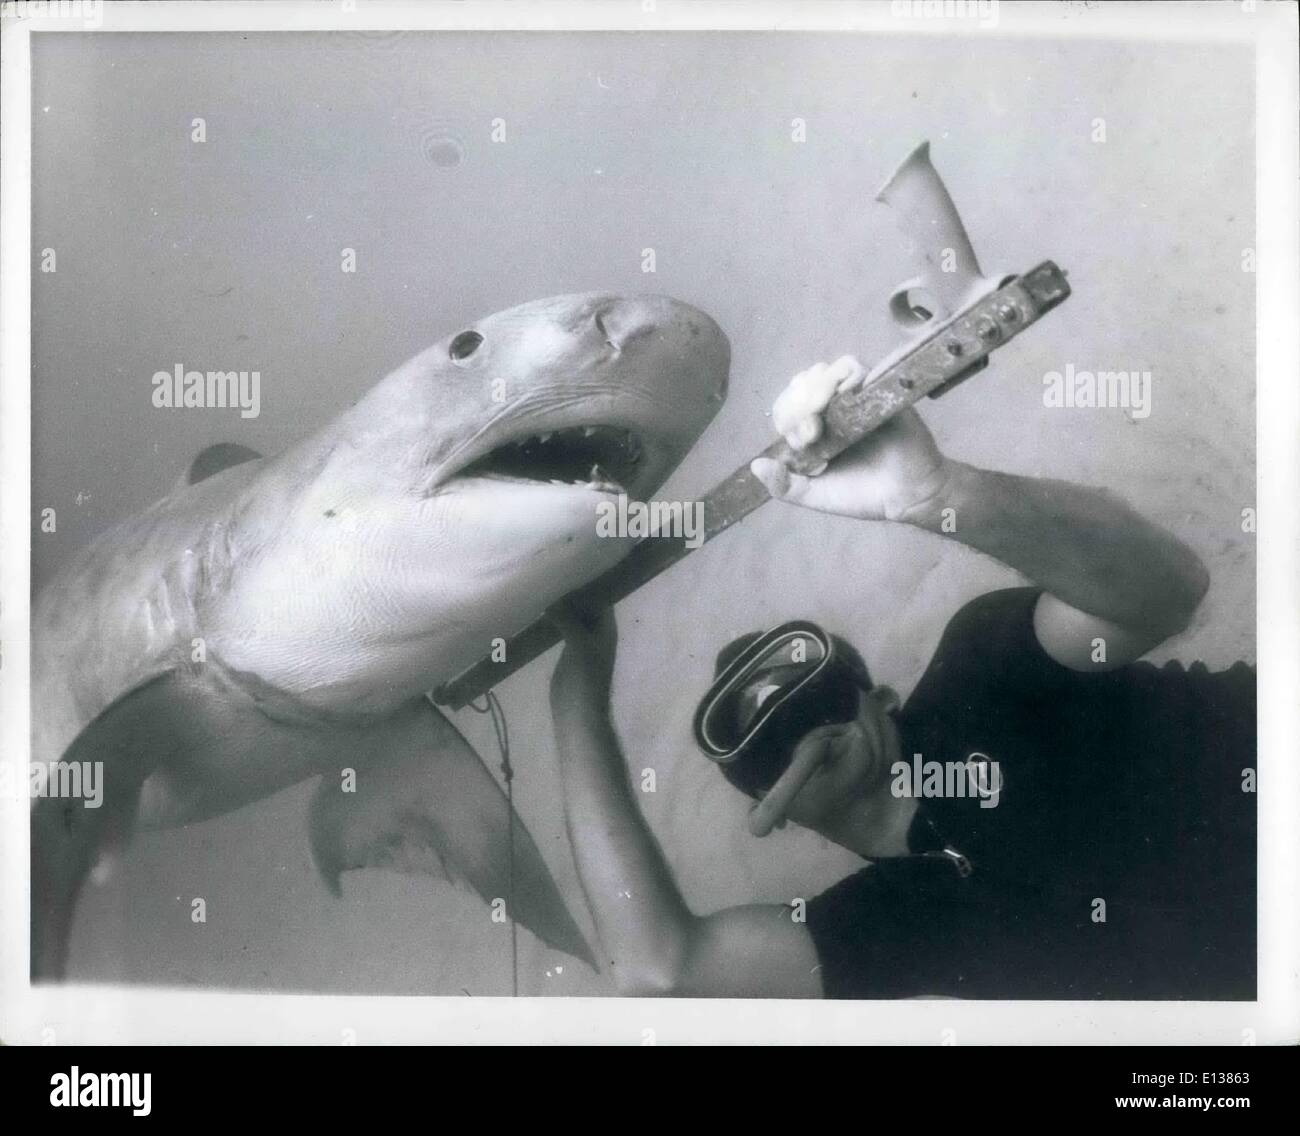 29 février 2012 - Bela Csidei pousse sur un 10 pieds requin tigre avec son fusil. Le SST. Banque D'Images